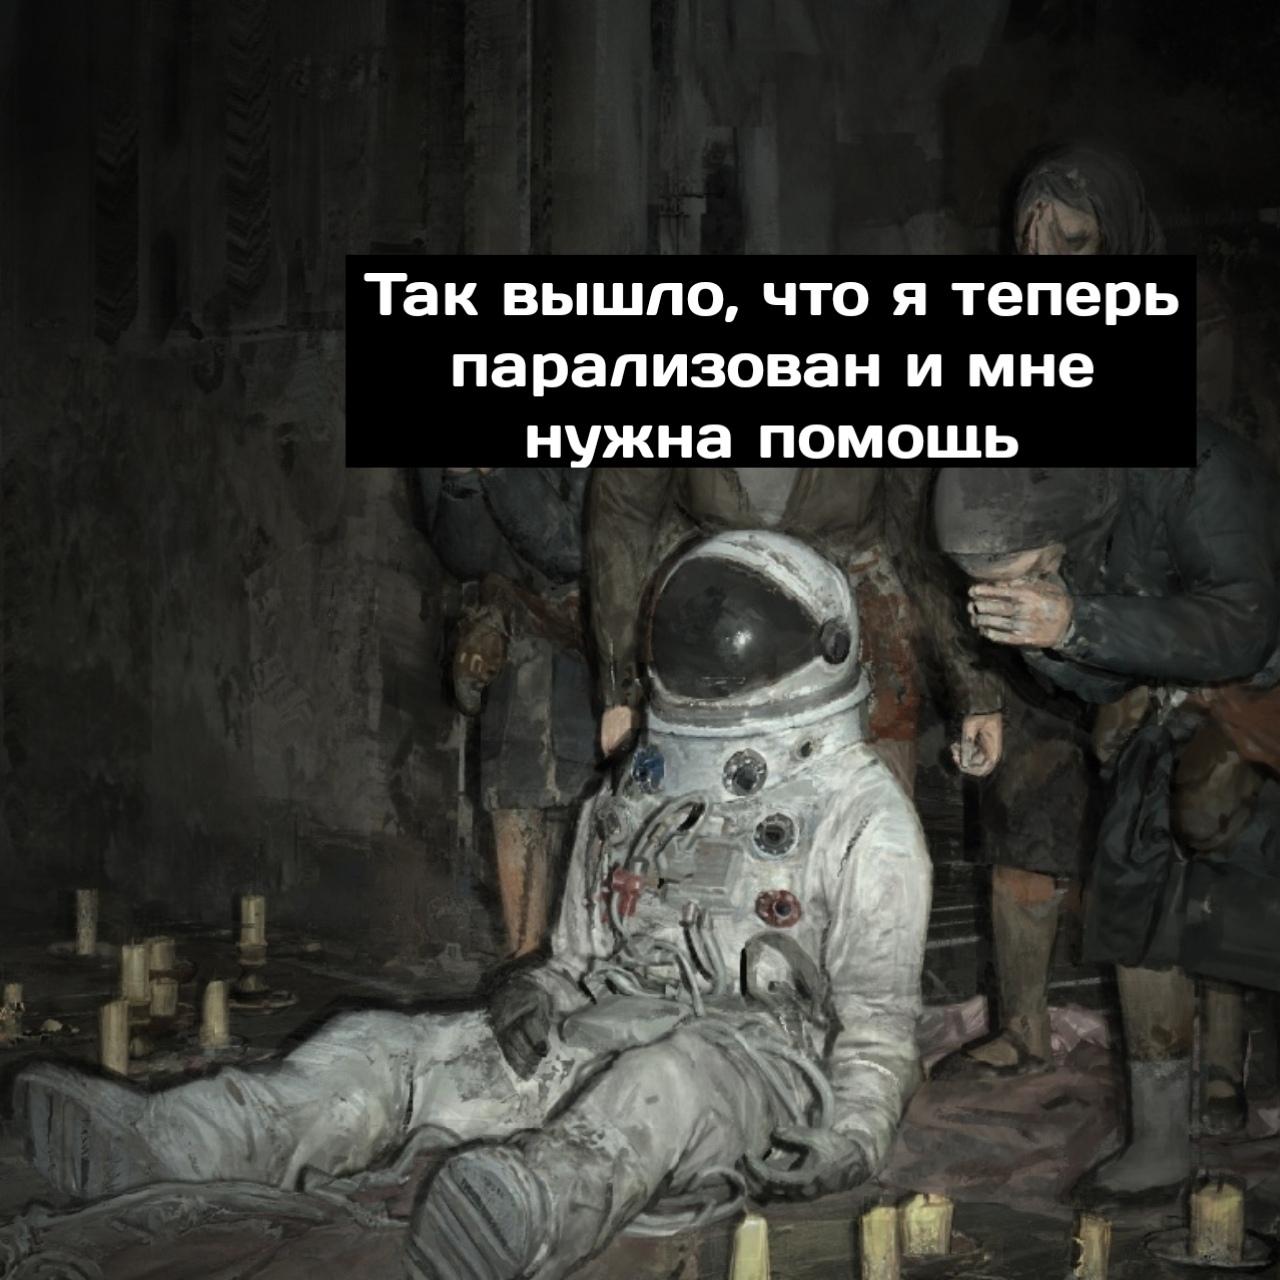 Свет по тьме Сингулярность комиксы, Сингулярность, Комиксы, Религия, Космонавты, Космос, Длиннопост